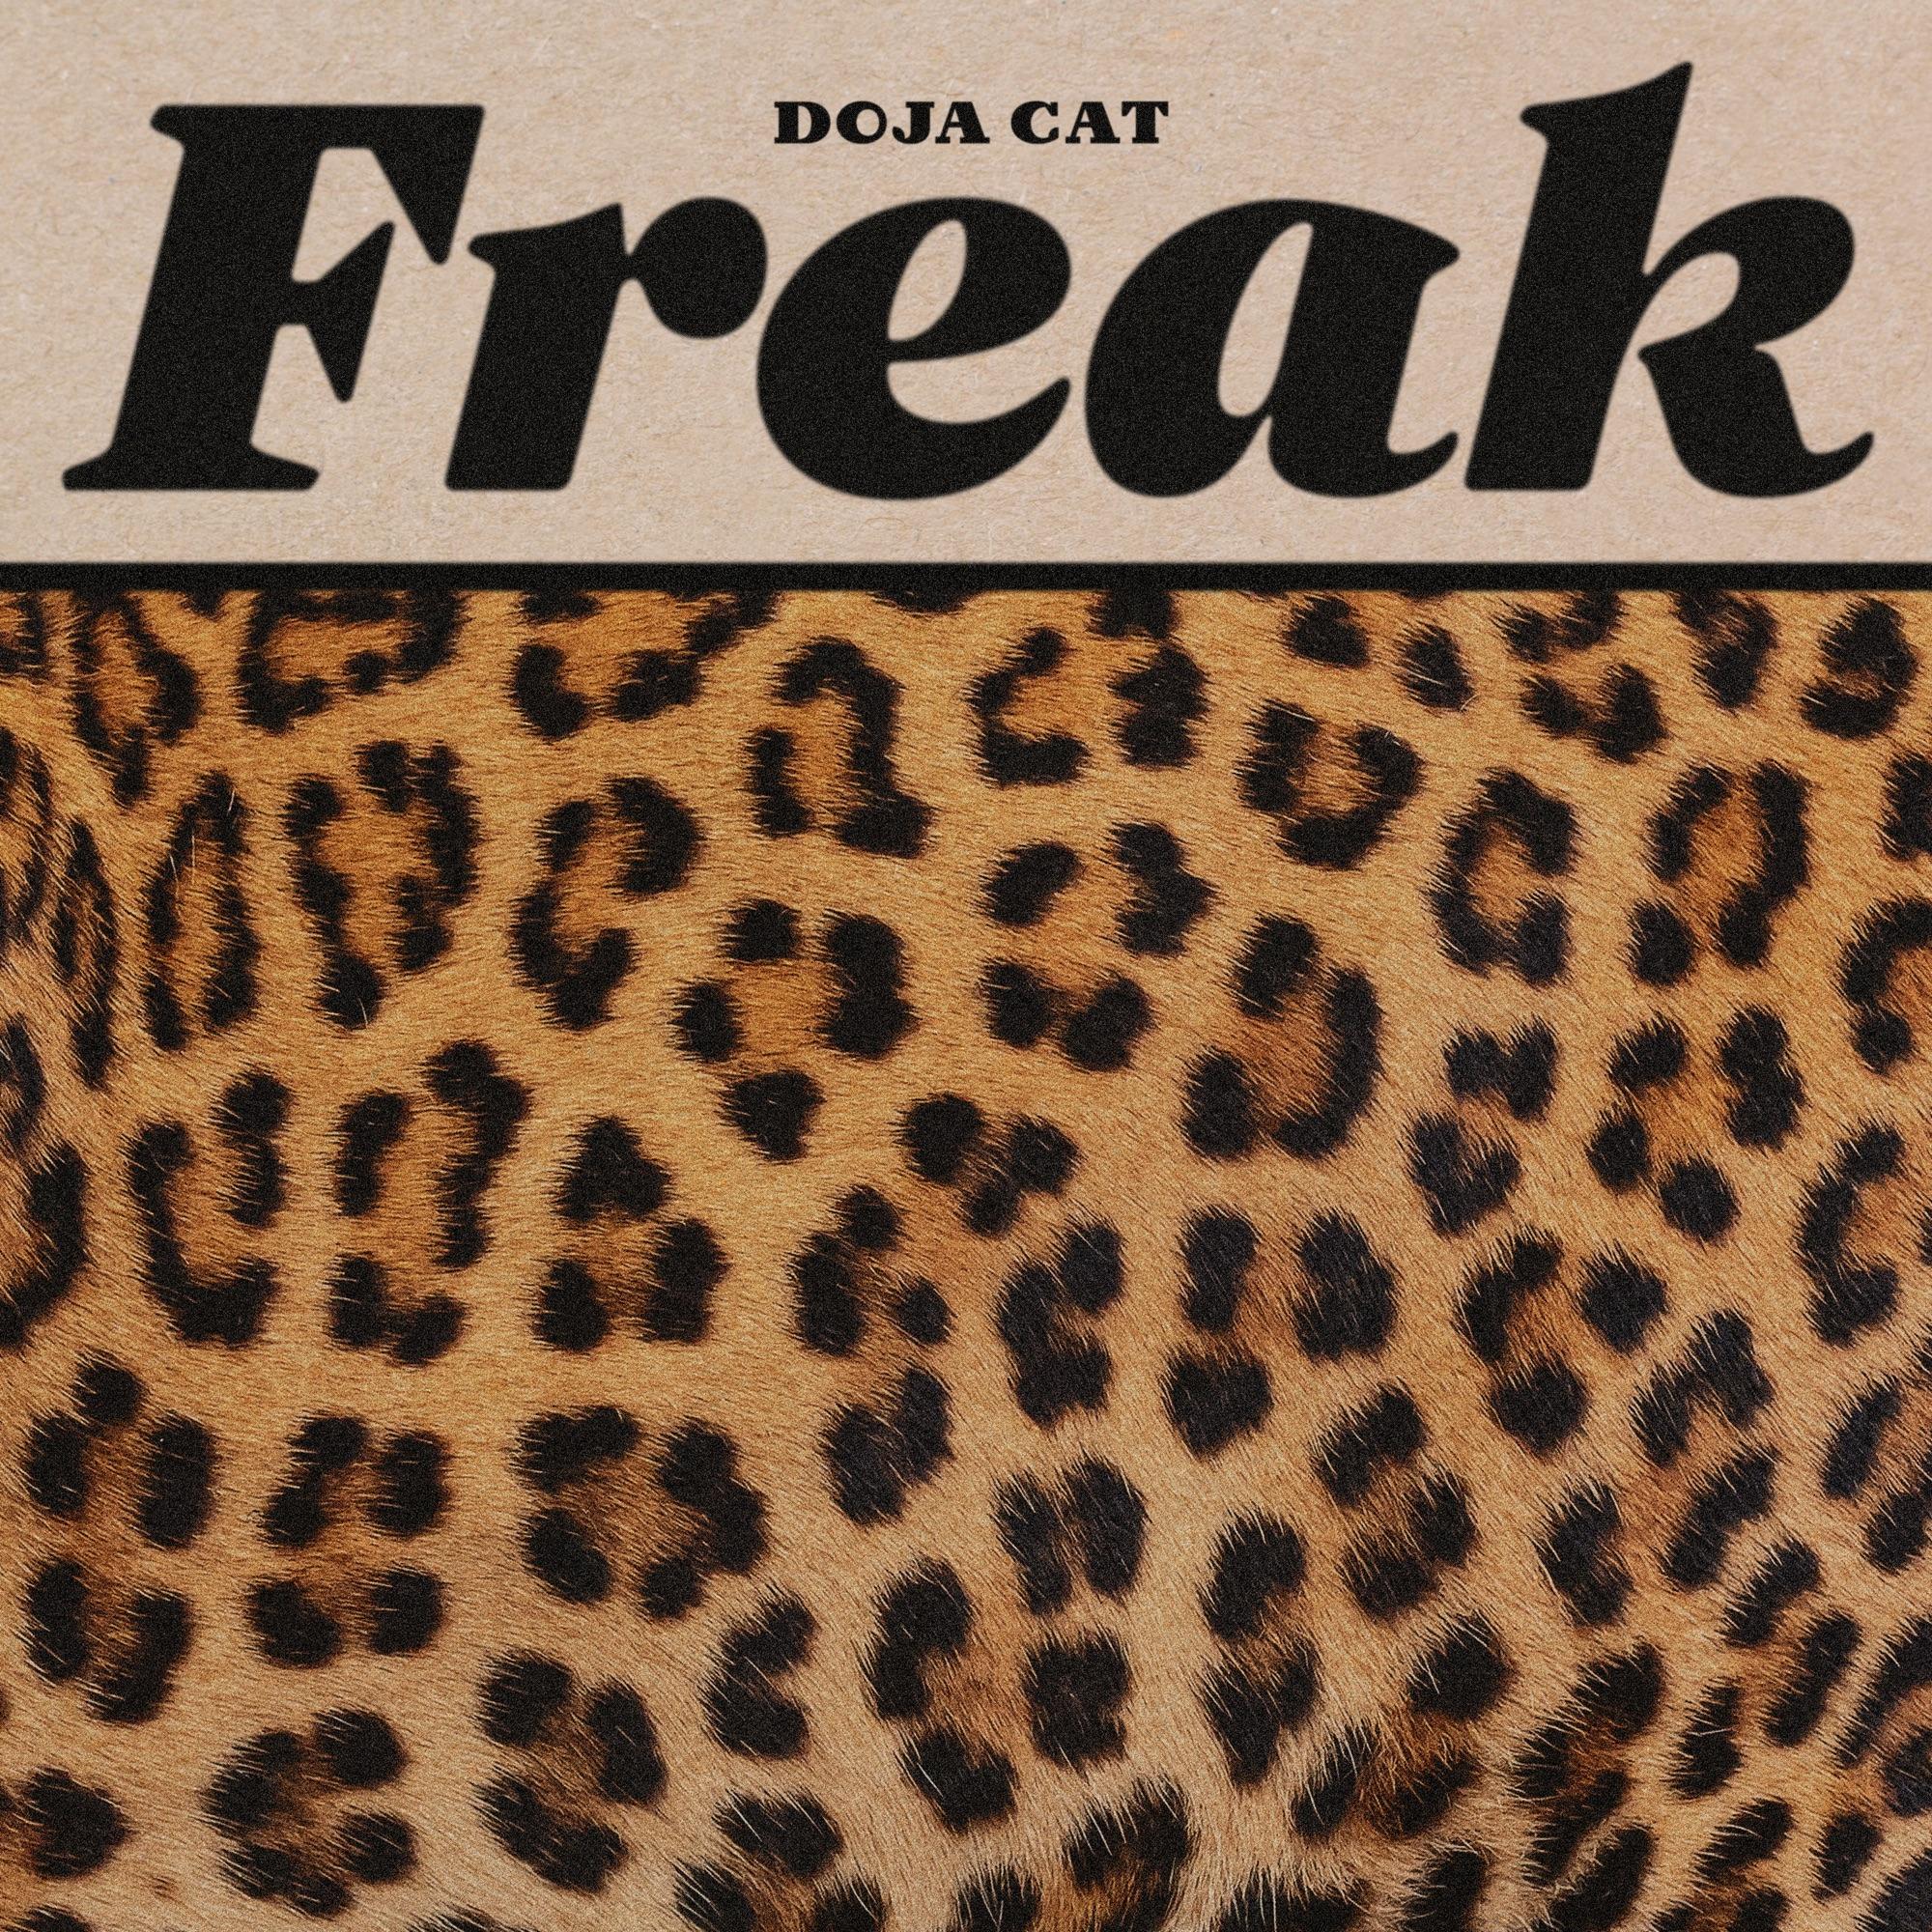 Doja Cat - Freak